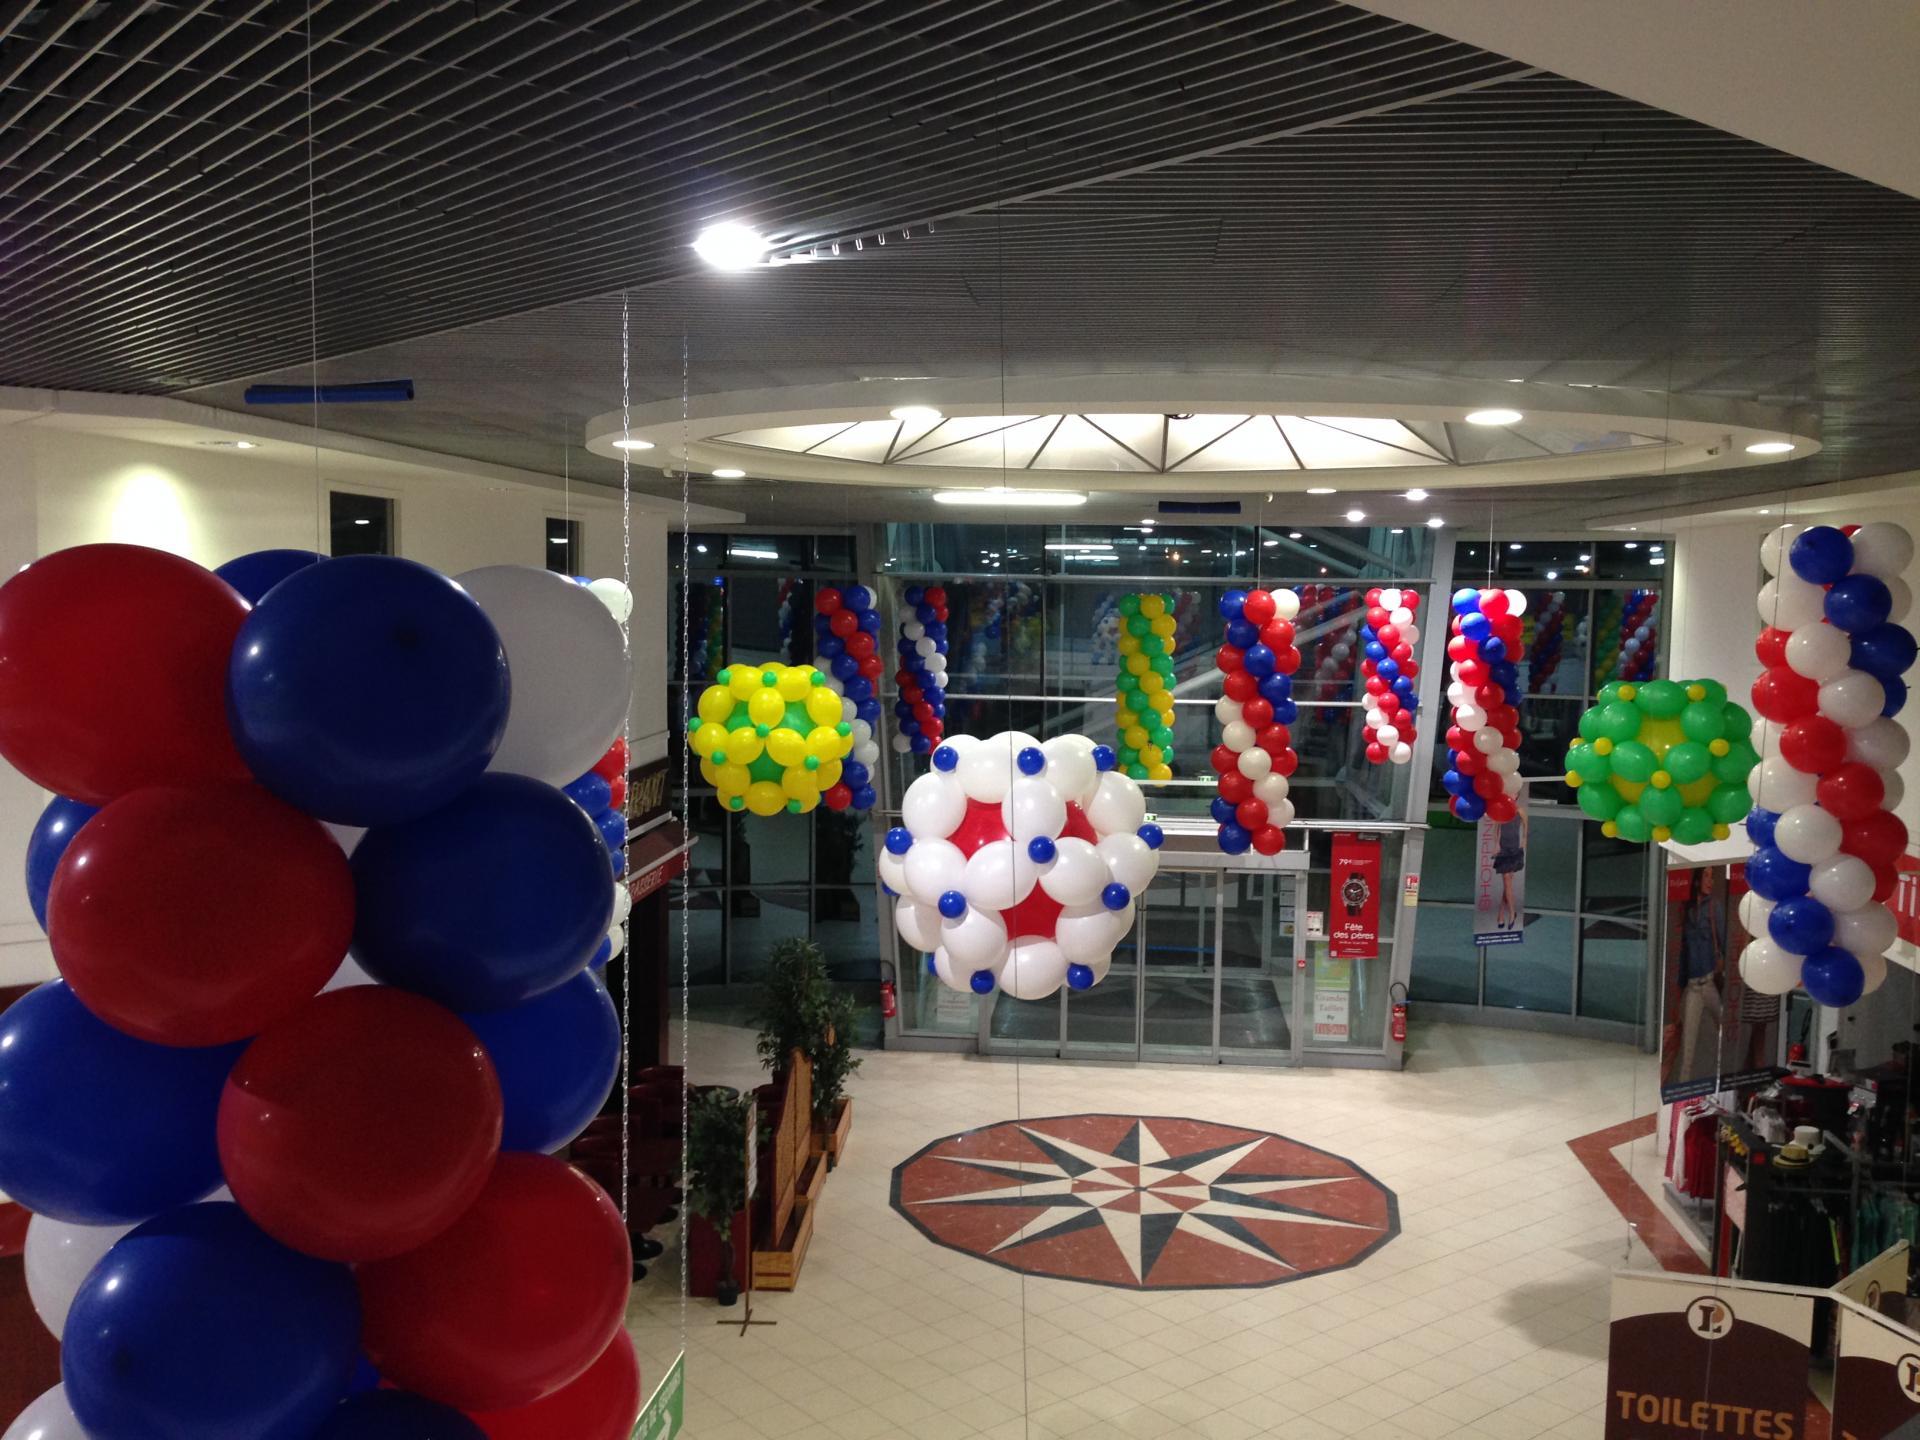 D coration ballons pour l 39 v nement coupe du monde foot for Decoration pour magasin